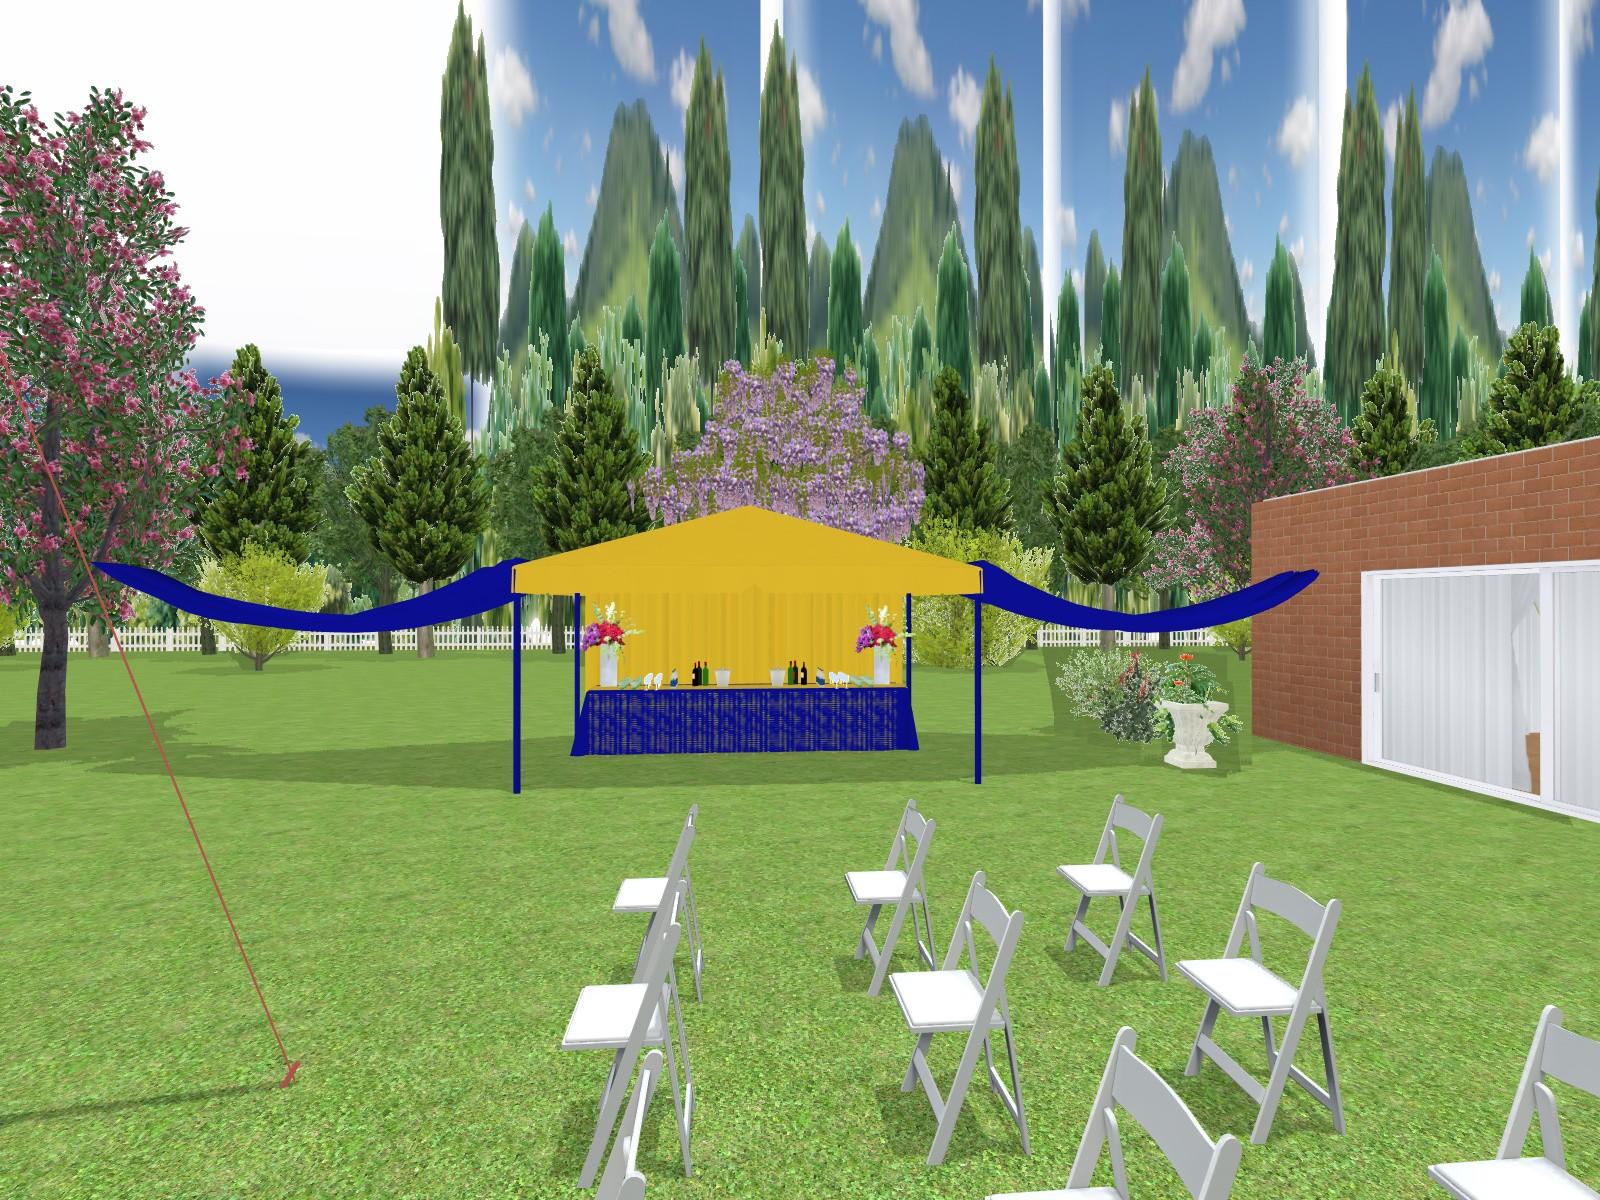 Prestations Plan 3d Evenement Mariage Anniversaire Décoration Evenementielle France Implantation 3d Tente De Reception Buffet